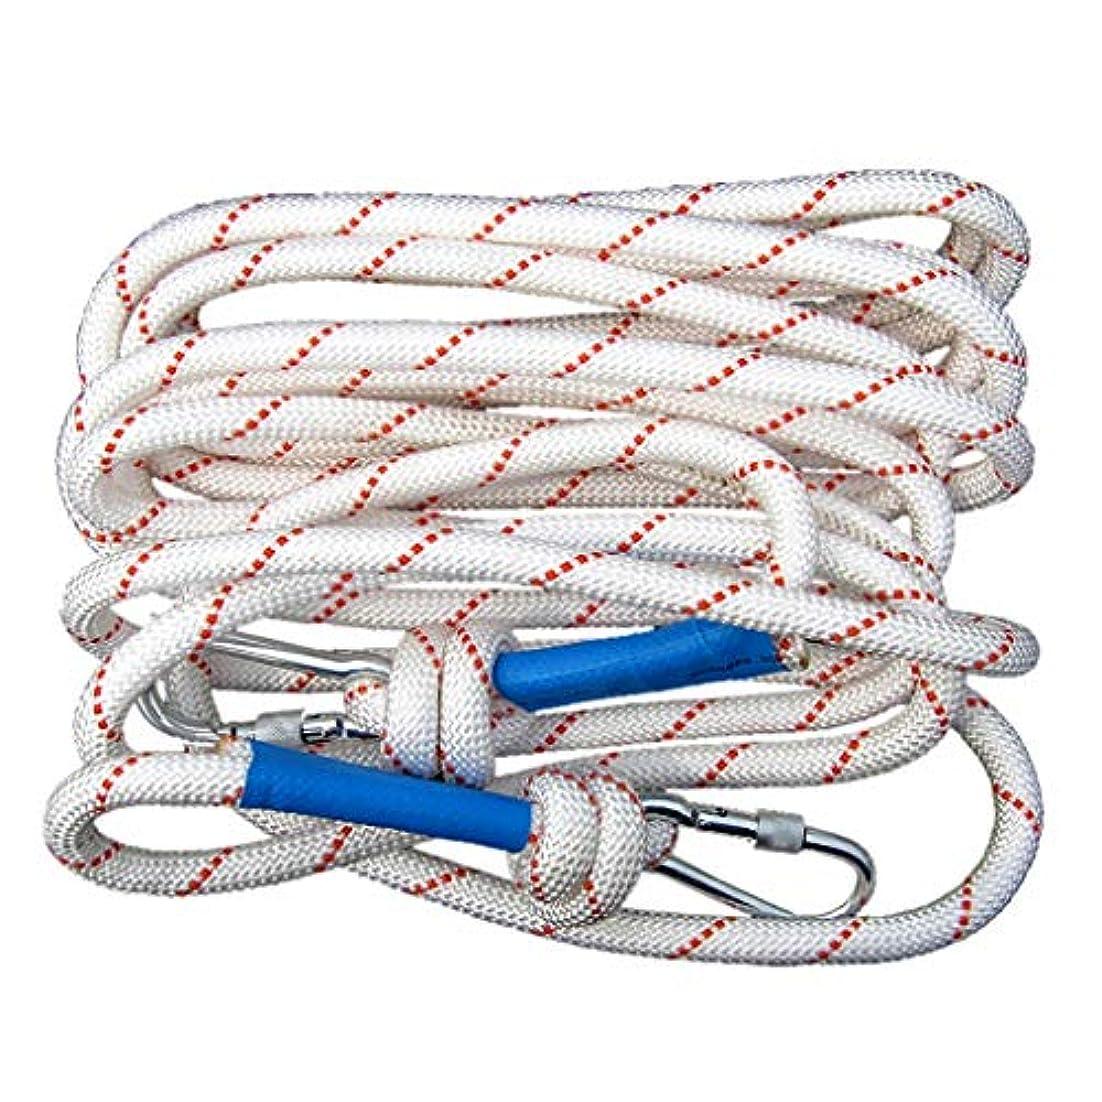 グリース鎮痛剤草クライミングロープ スチールコア12 mmホワイトナイロンマルチサイズオプション安全ロープ(破断力758 kg) (色 : 16mm/40m)